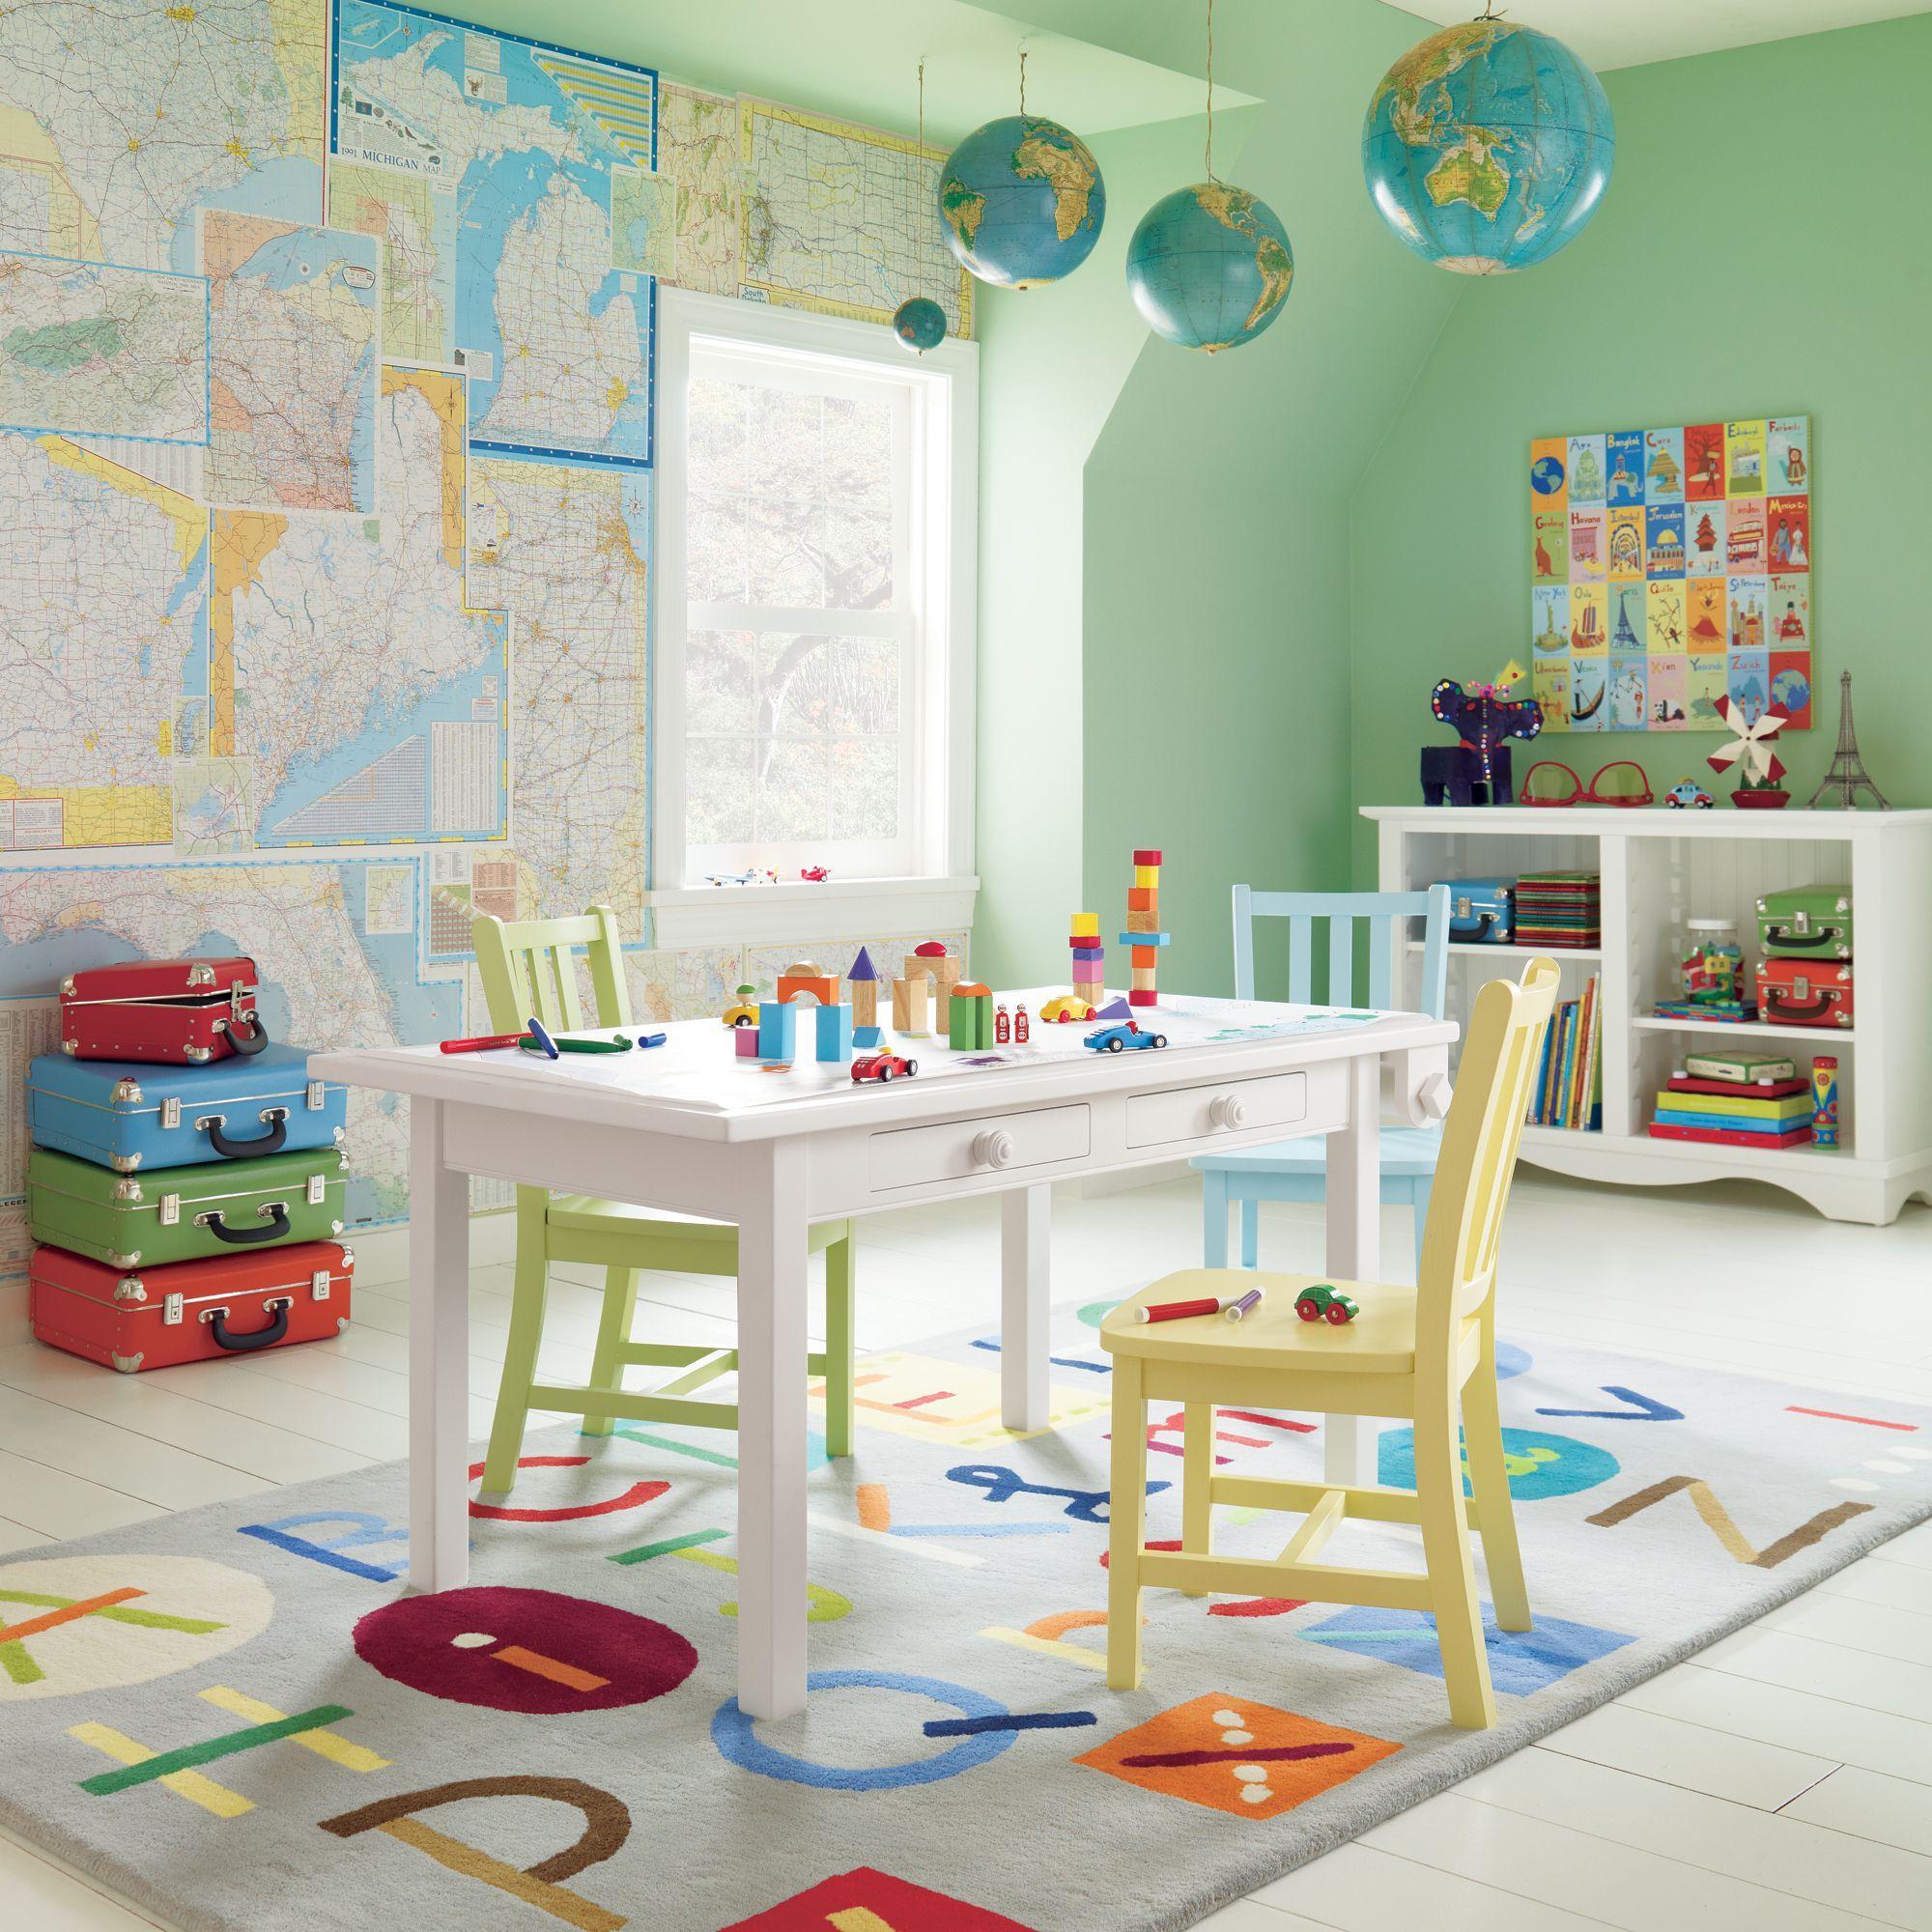 Крашеный бело-зеленый потолок в детской